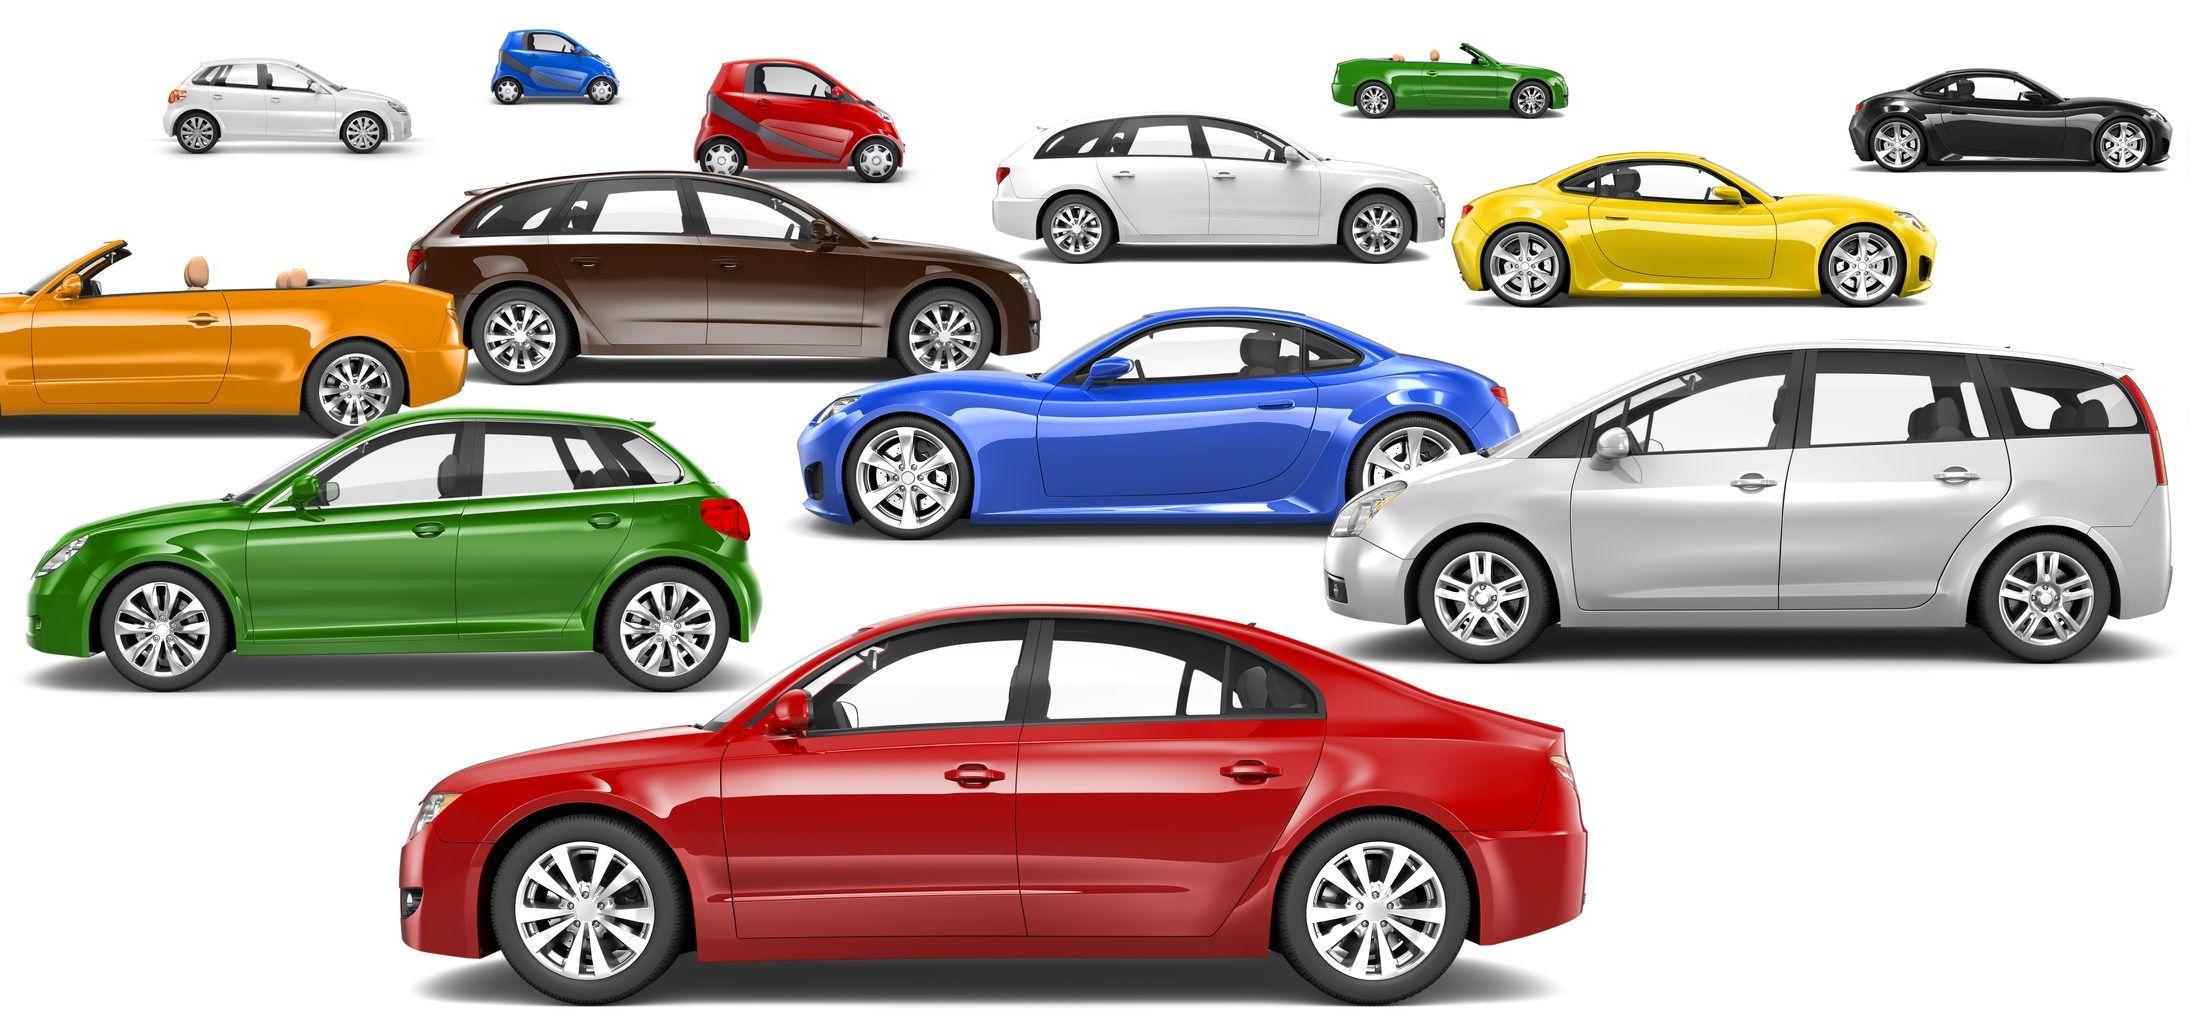 Porque E Que Estao Os Carros Divididos Em Segmentos Ford Focus